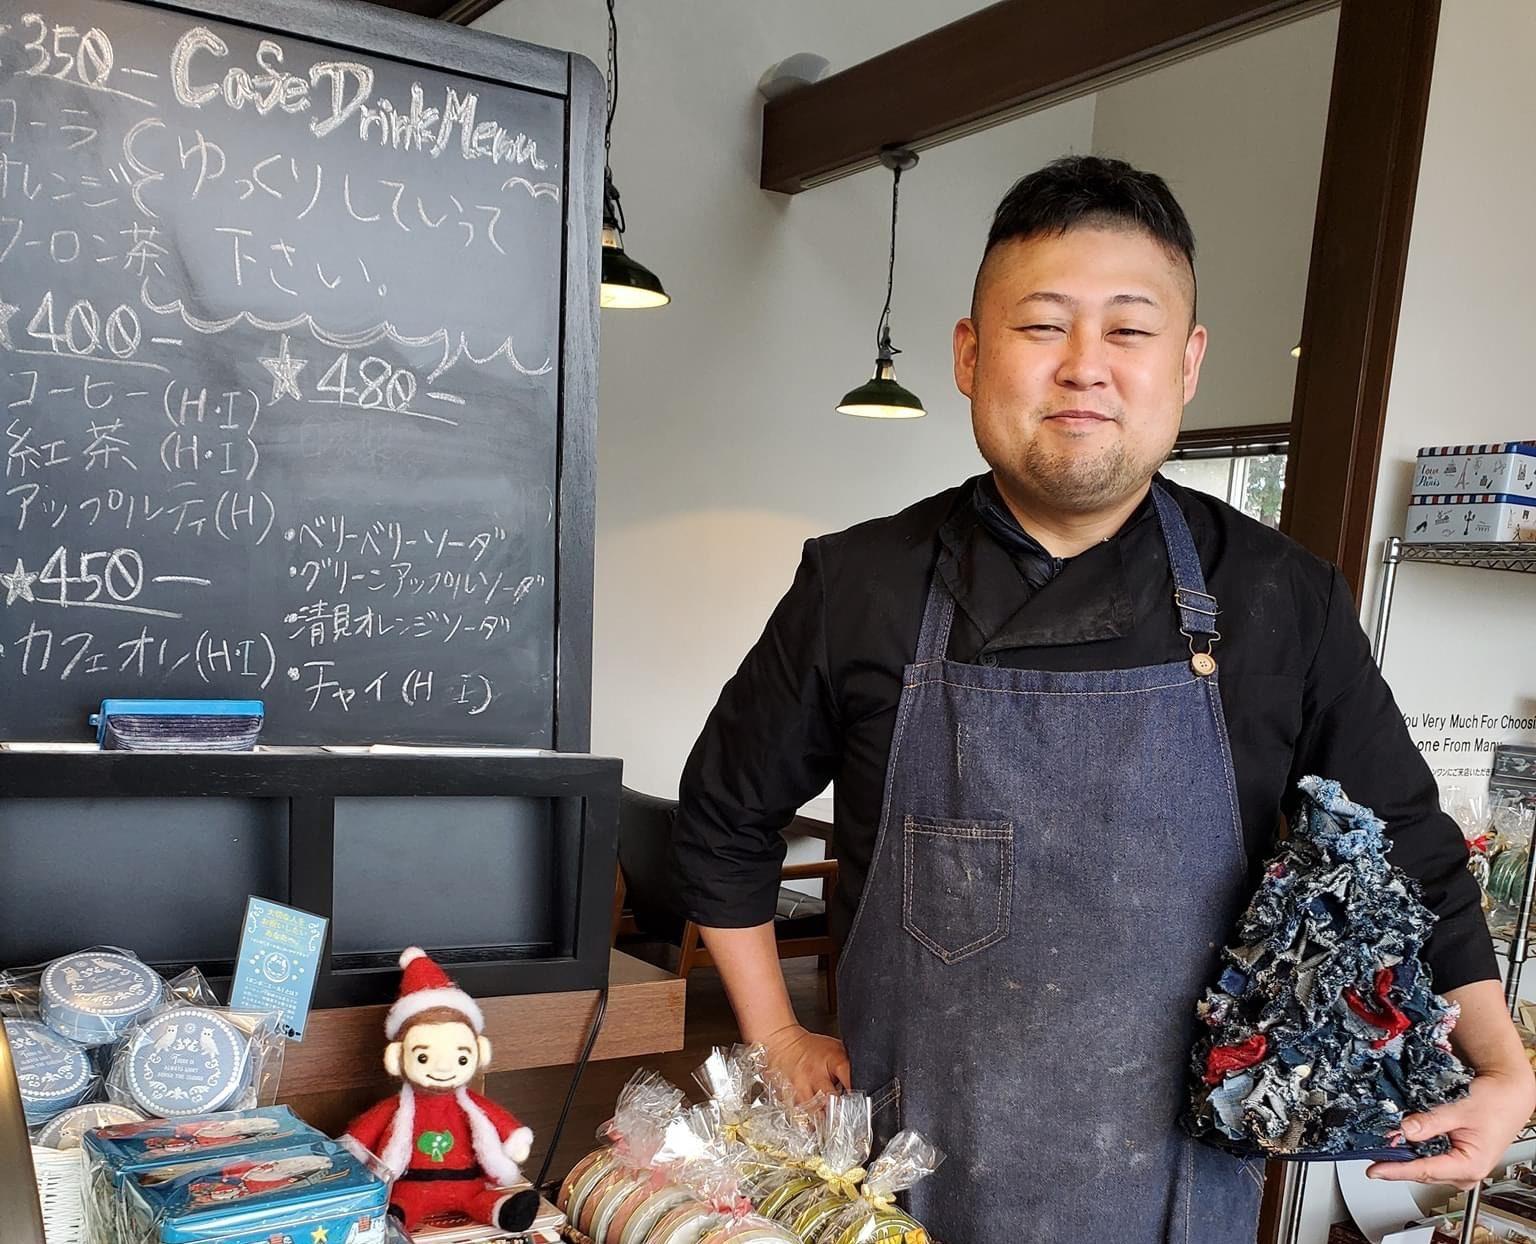 長居大歓迎のカフェ併設。店主のやさしさが隠し味のケーキ屋さん Green One(グリーンワン)【七尾市】